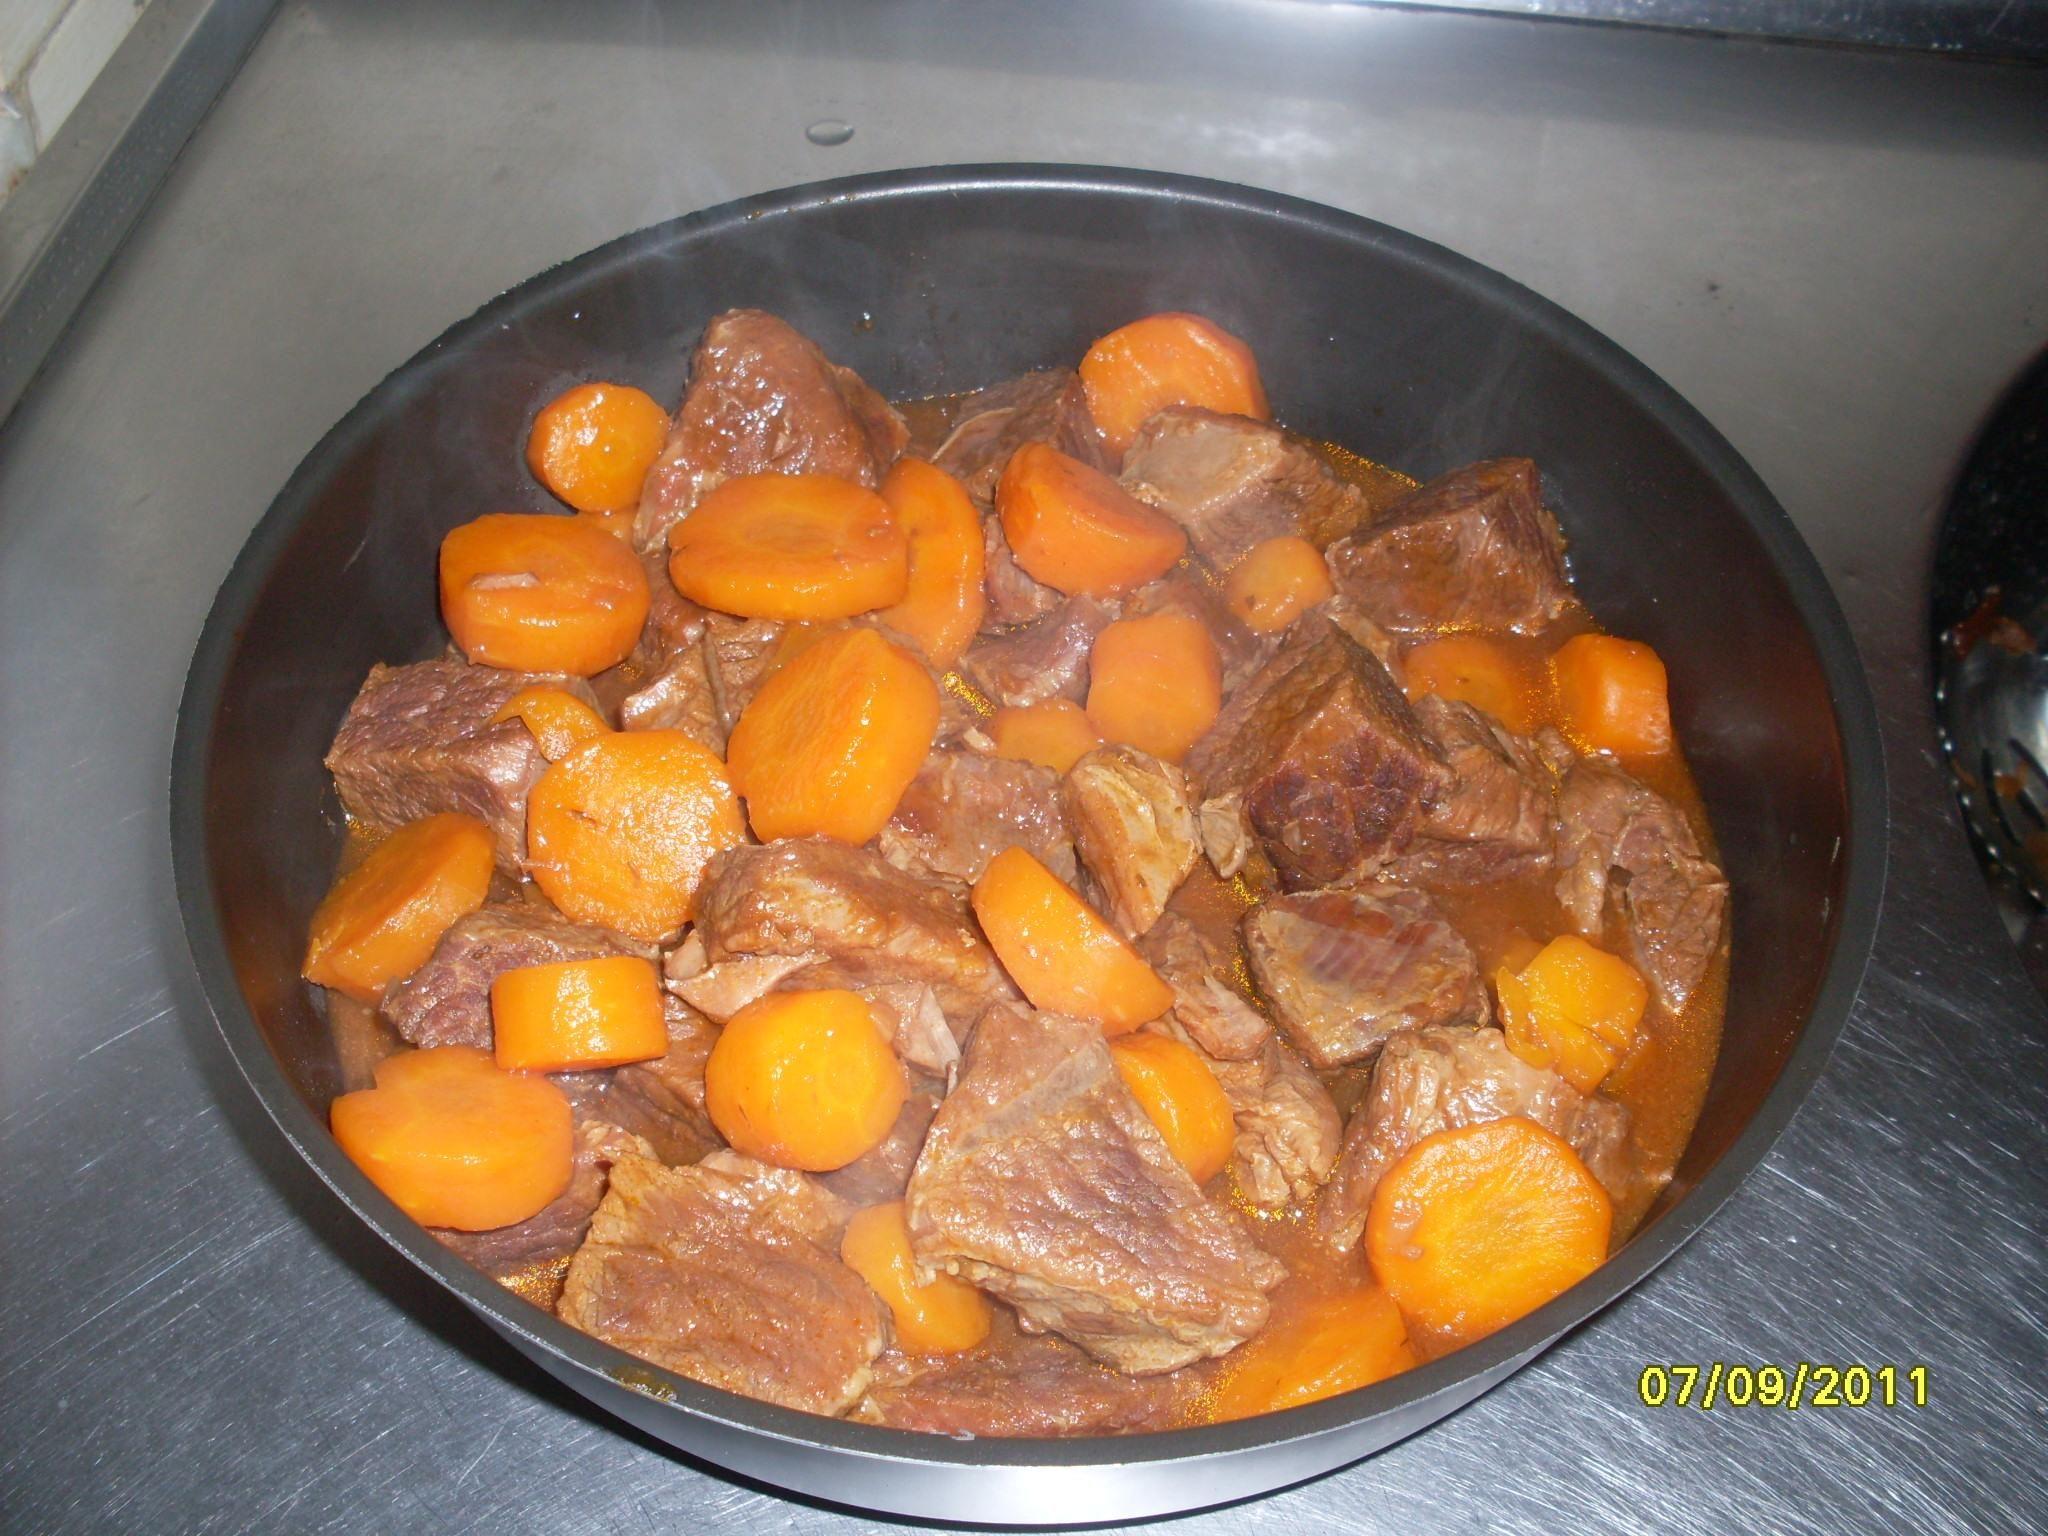 1,5 kg de carne alcatra, patinho ou picanha, cortada em cubos de aproximadamente 4 cm  - 1 garrafa peq ou lata de cerveja preta  - 1 pacote de creme de cebola  - 1 caixa de molho de tomate (pomarola) 520 g  - 1 cubo de caldo de carne  - Sal a gosto  -